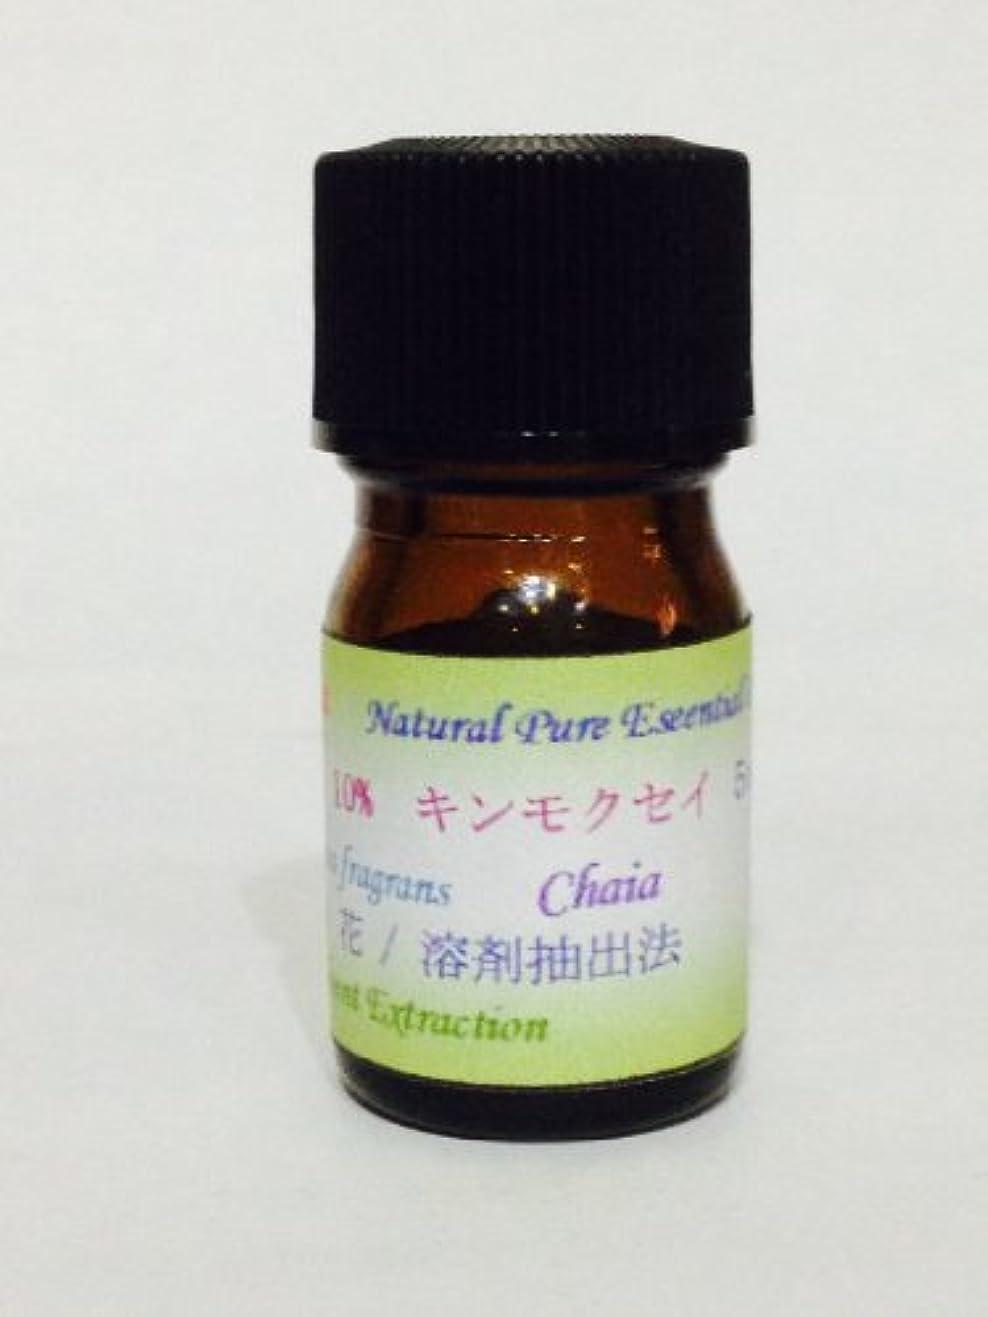 故意のツイン値キンモクセイAbs 10% エッセンシャルオイル 精油 5ml アロマ 季節の花